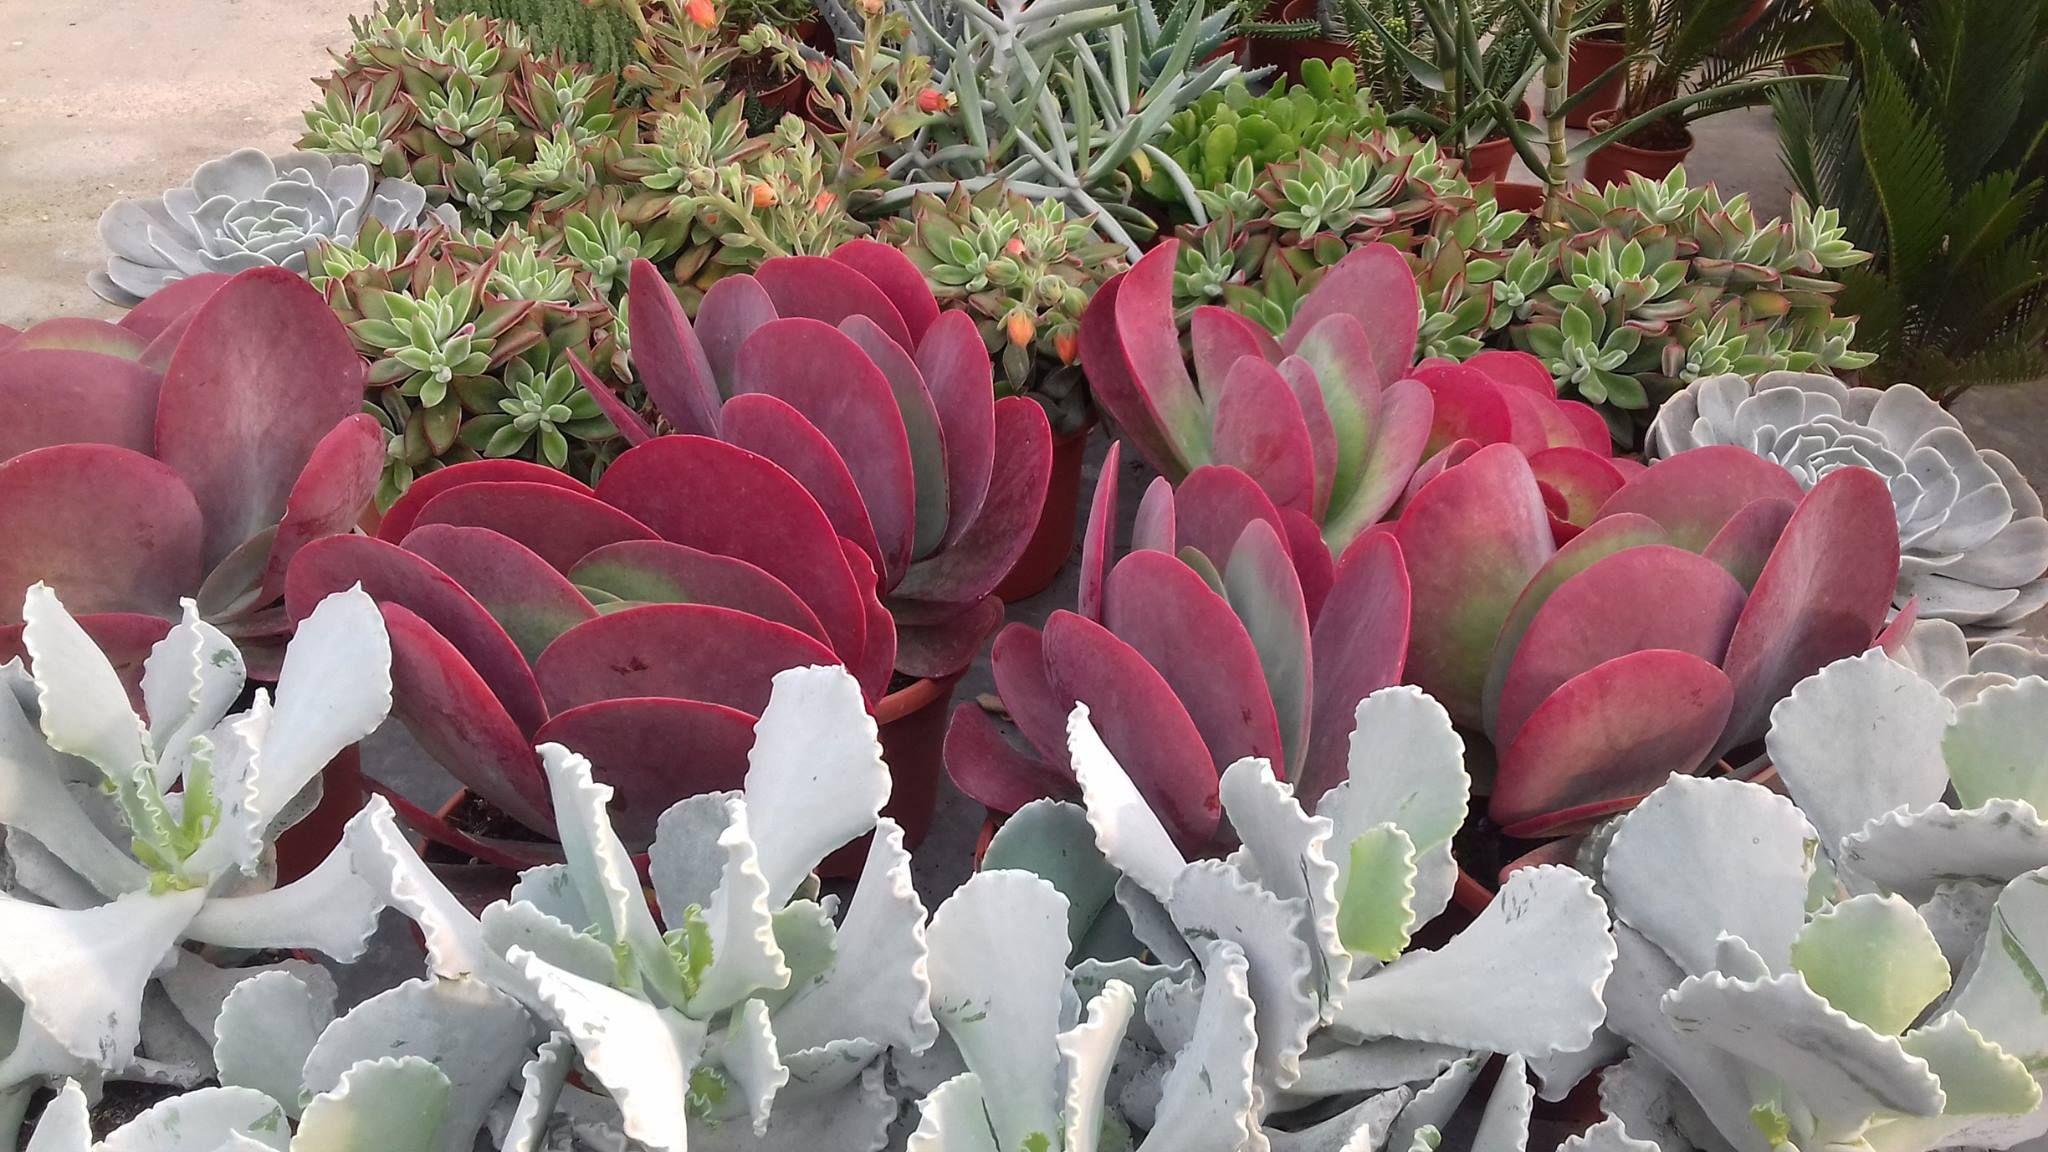 Le Temple Du Cactus Production De Plantes Grasses Pres De